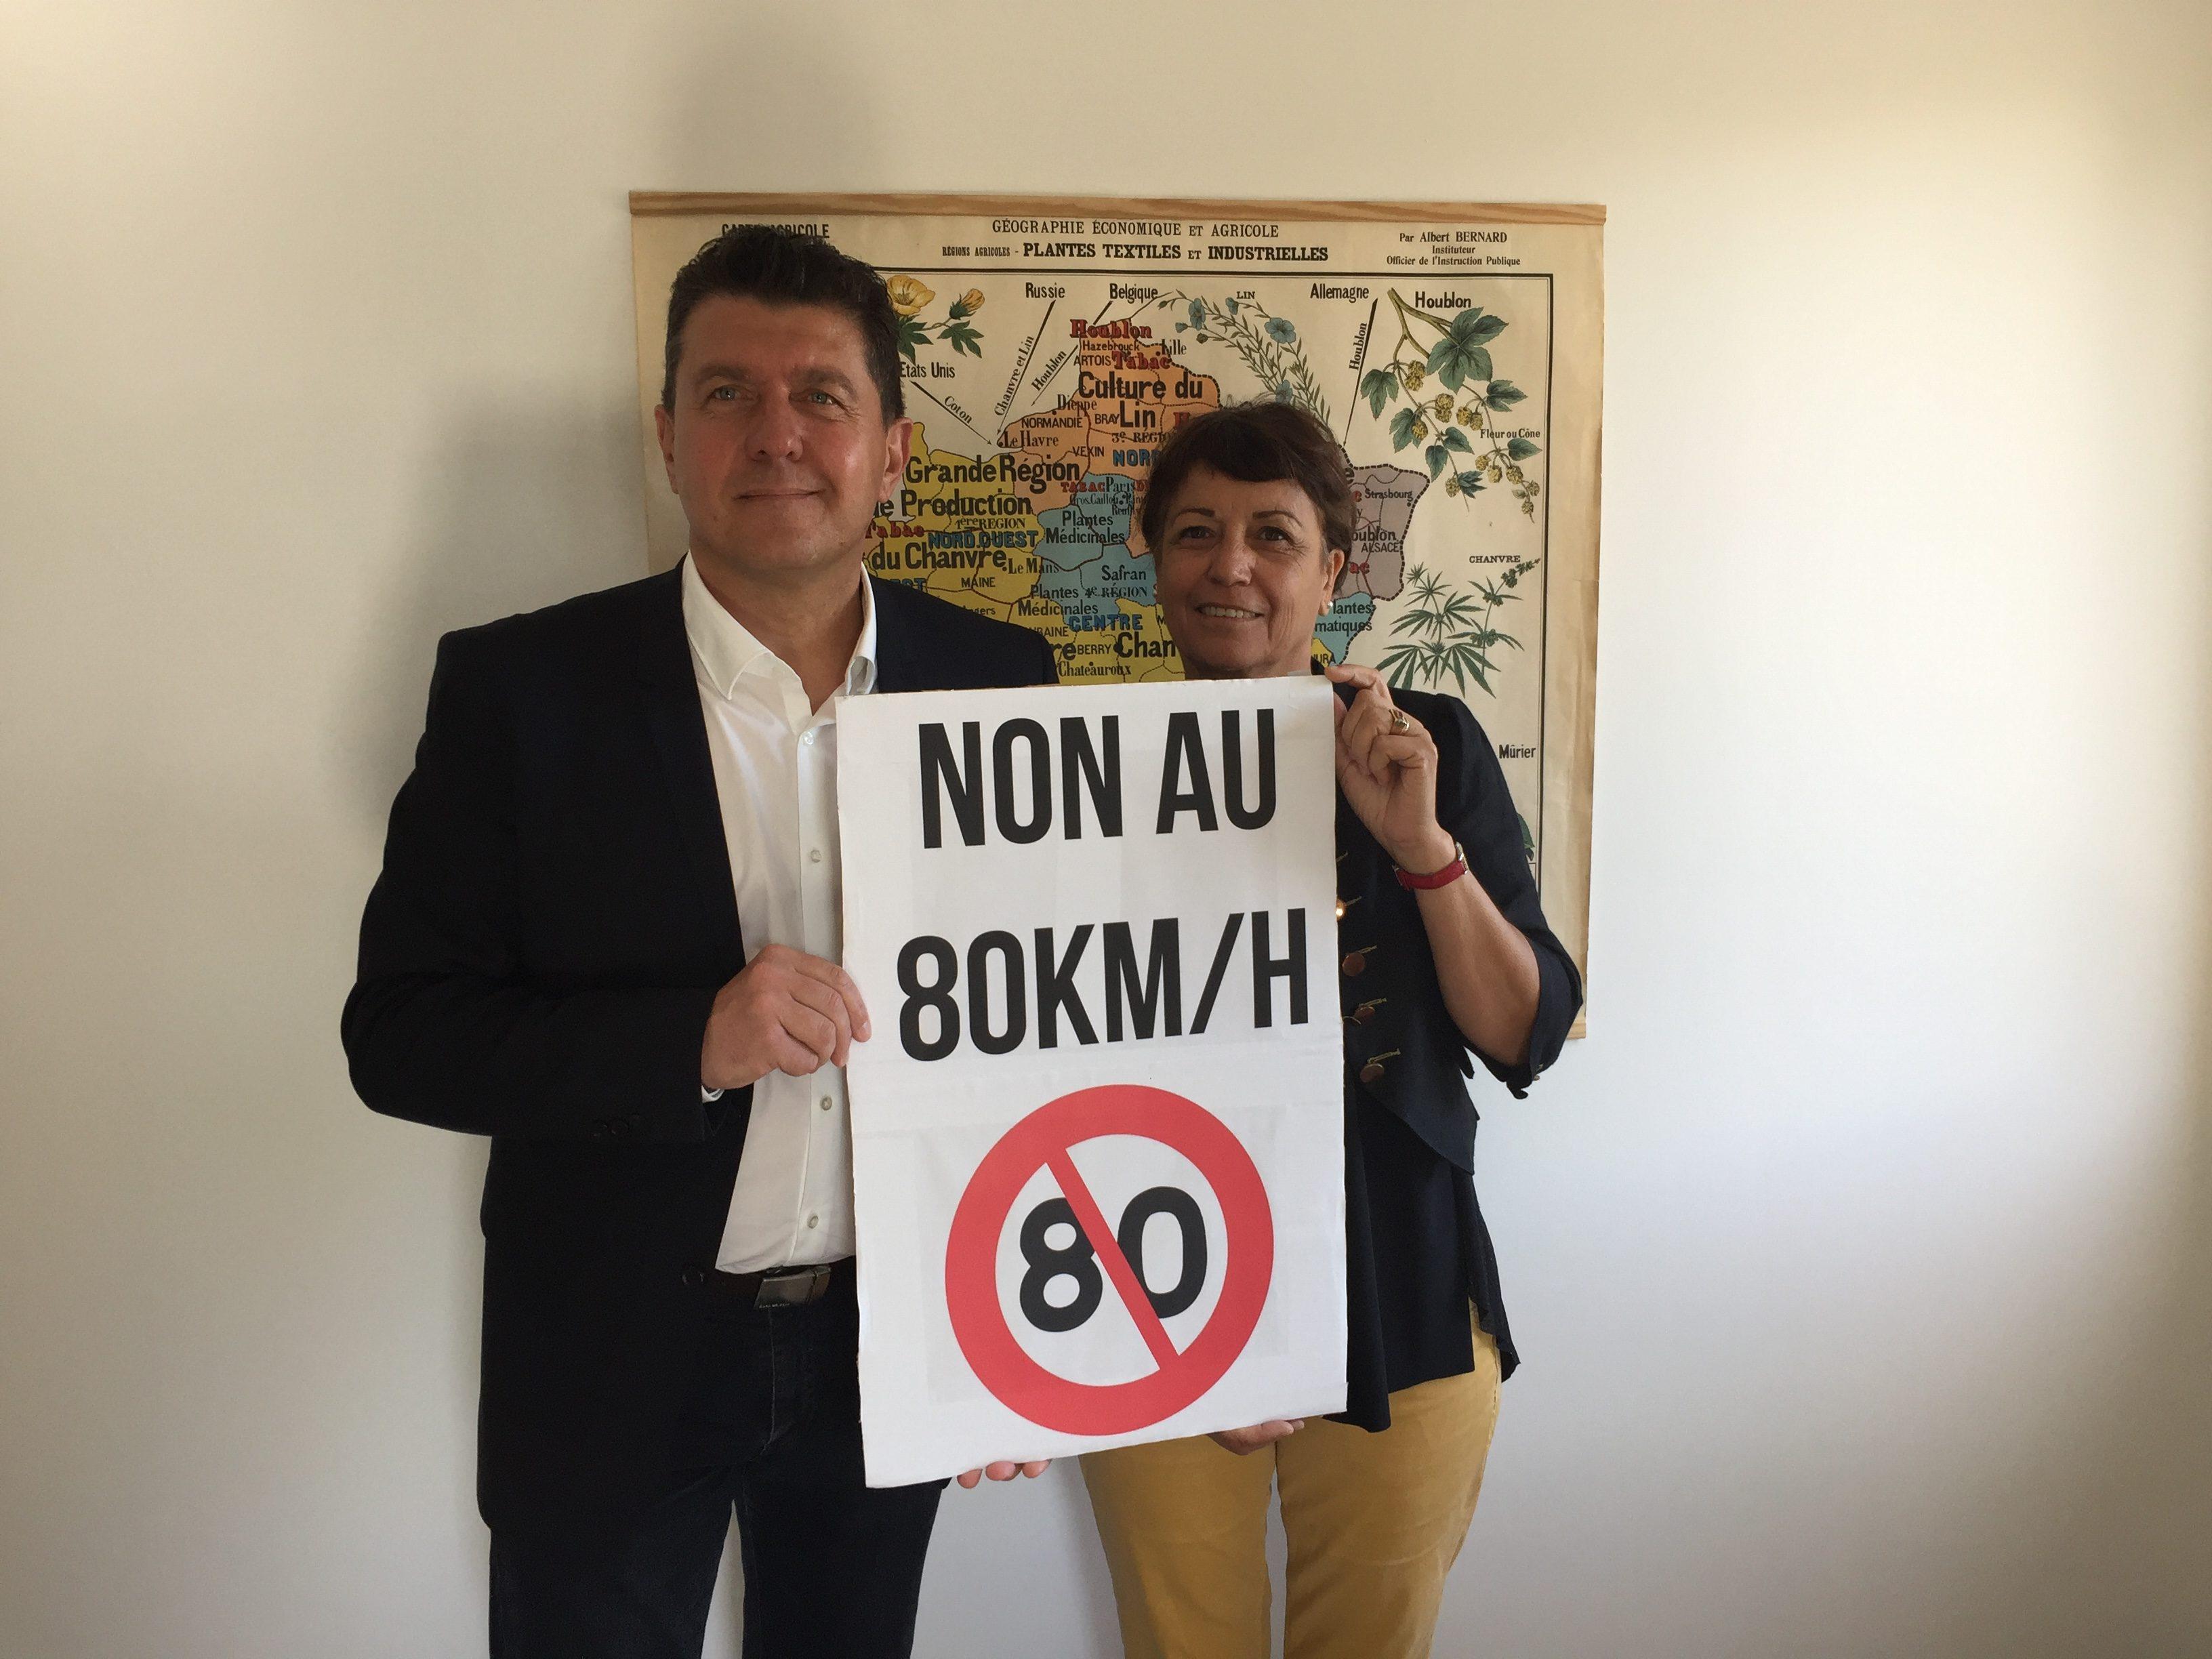 80km/h : On transforme les automobilistes en tiroirs caisses !